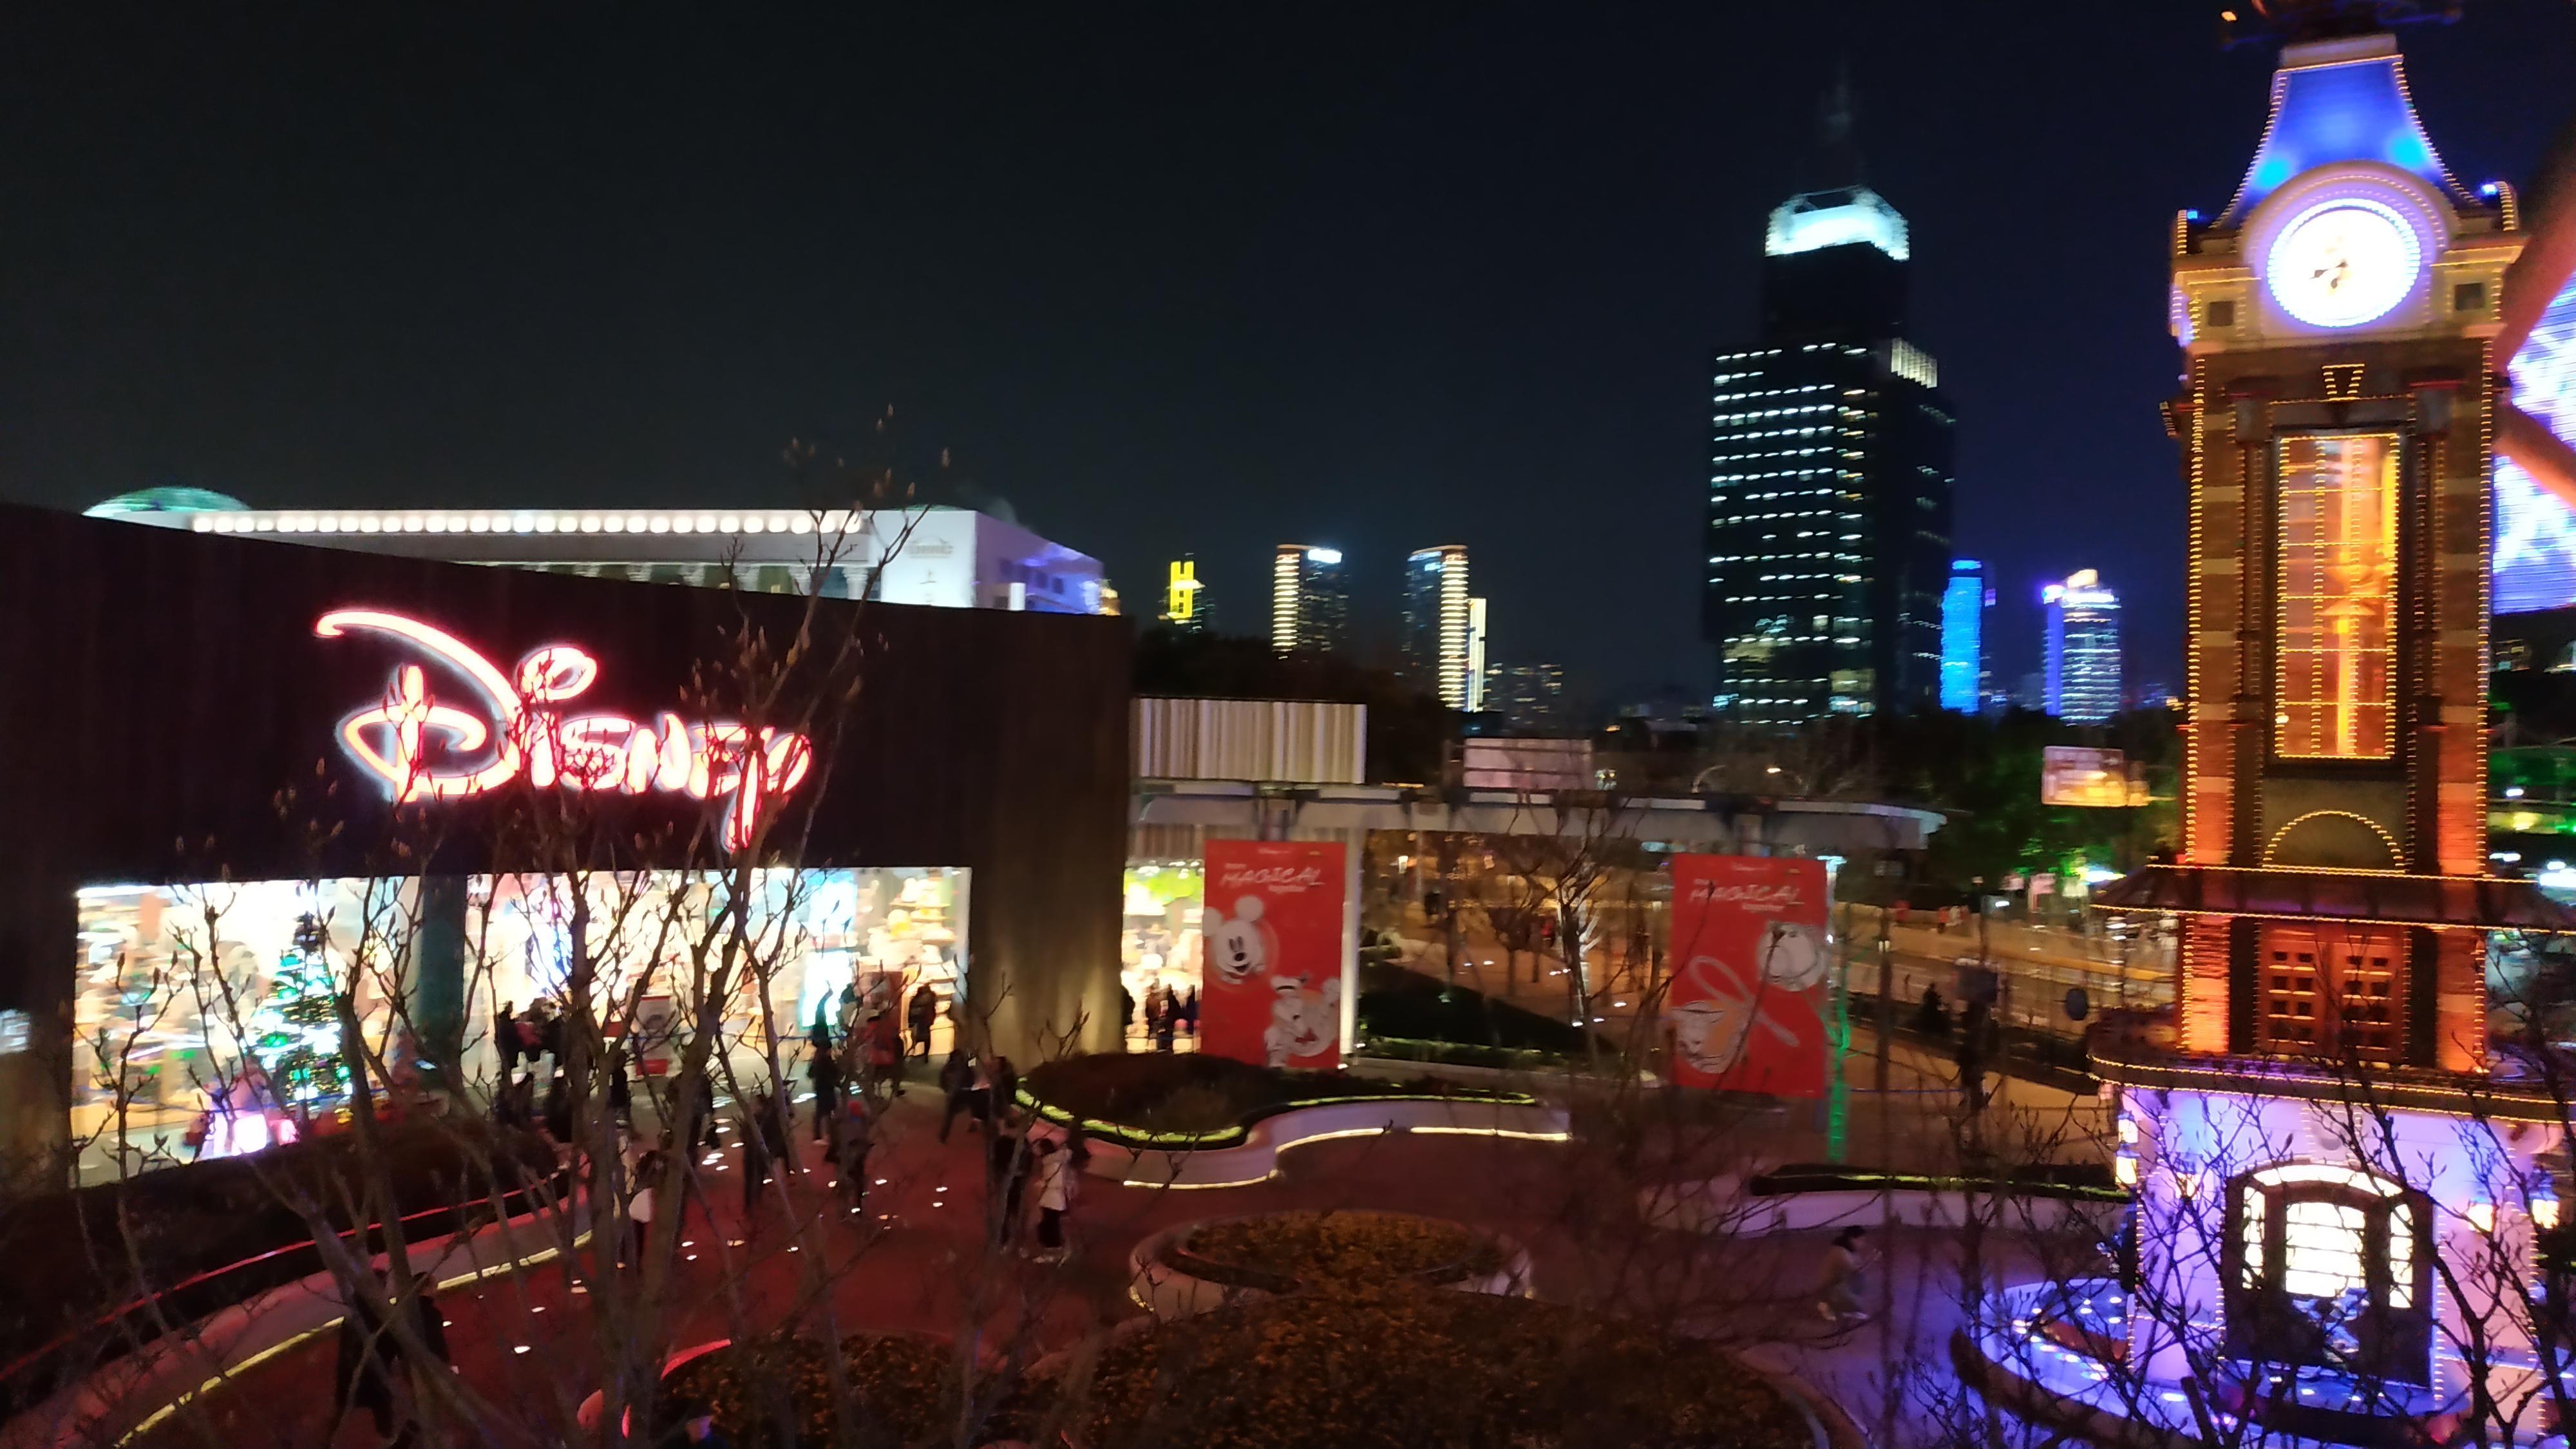 Магазин рядом с башней жемчужной в Шанхае